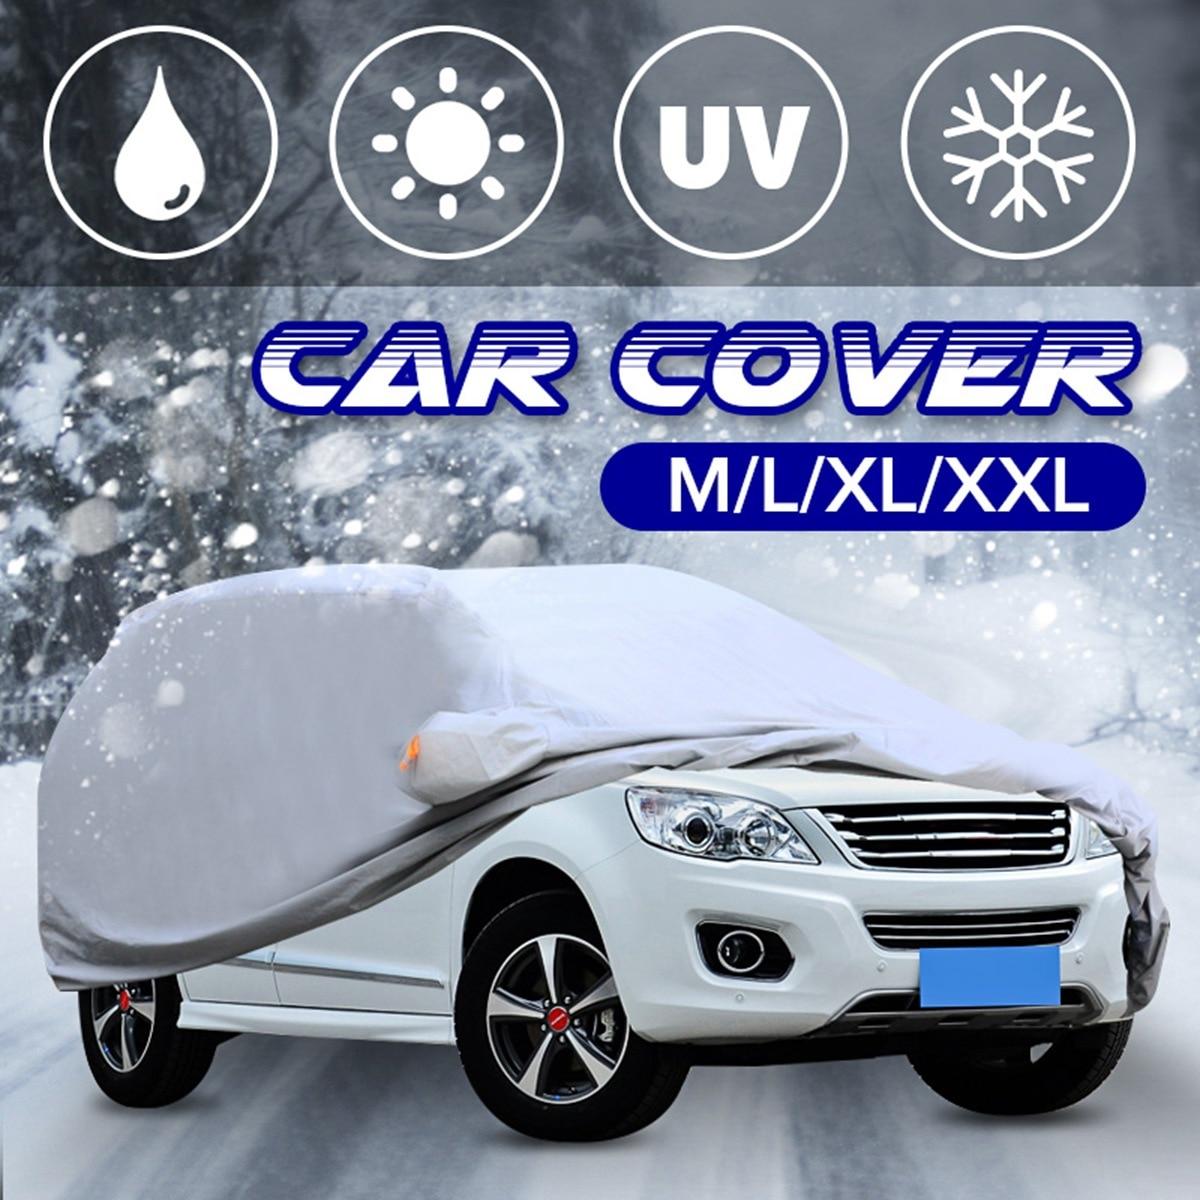 Universal 4 tamaño M L XL XXL cubierta de coche completa de plata anti UV estilo lluvia sombrilla protección contra el calor a prueba de polvo al aire libre